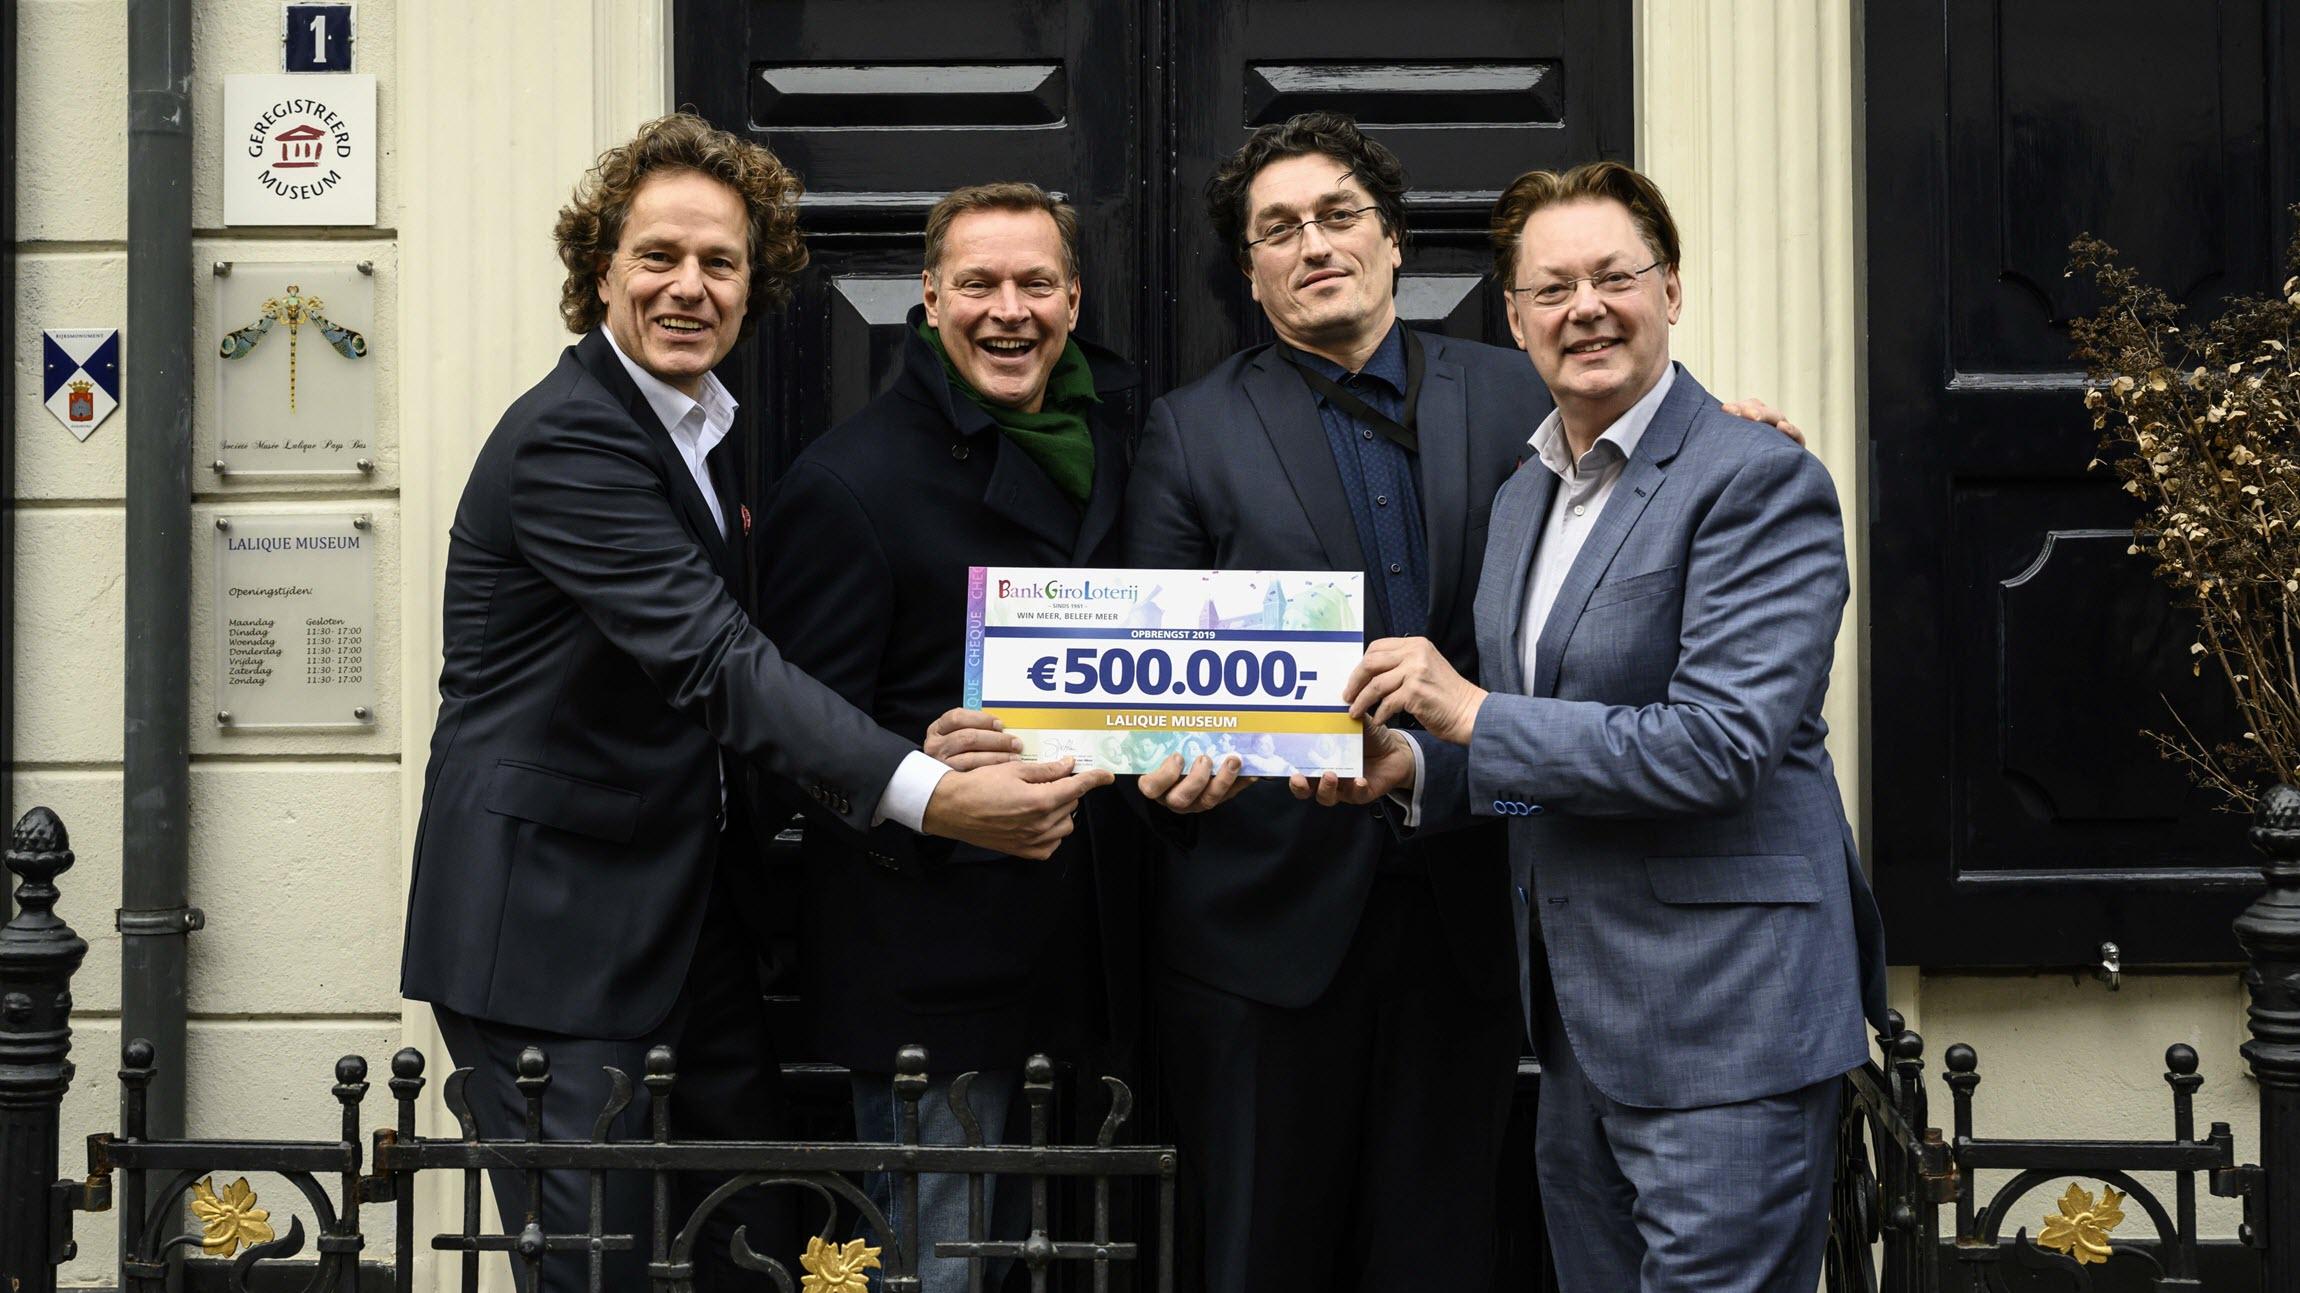 BankGiro Loterij ambassadeur Albert Verlinde reikt cheque 500.000 euro uit aan Lalique Museum - BankGiro Loterij